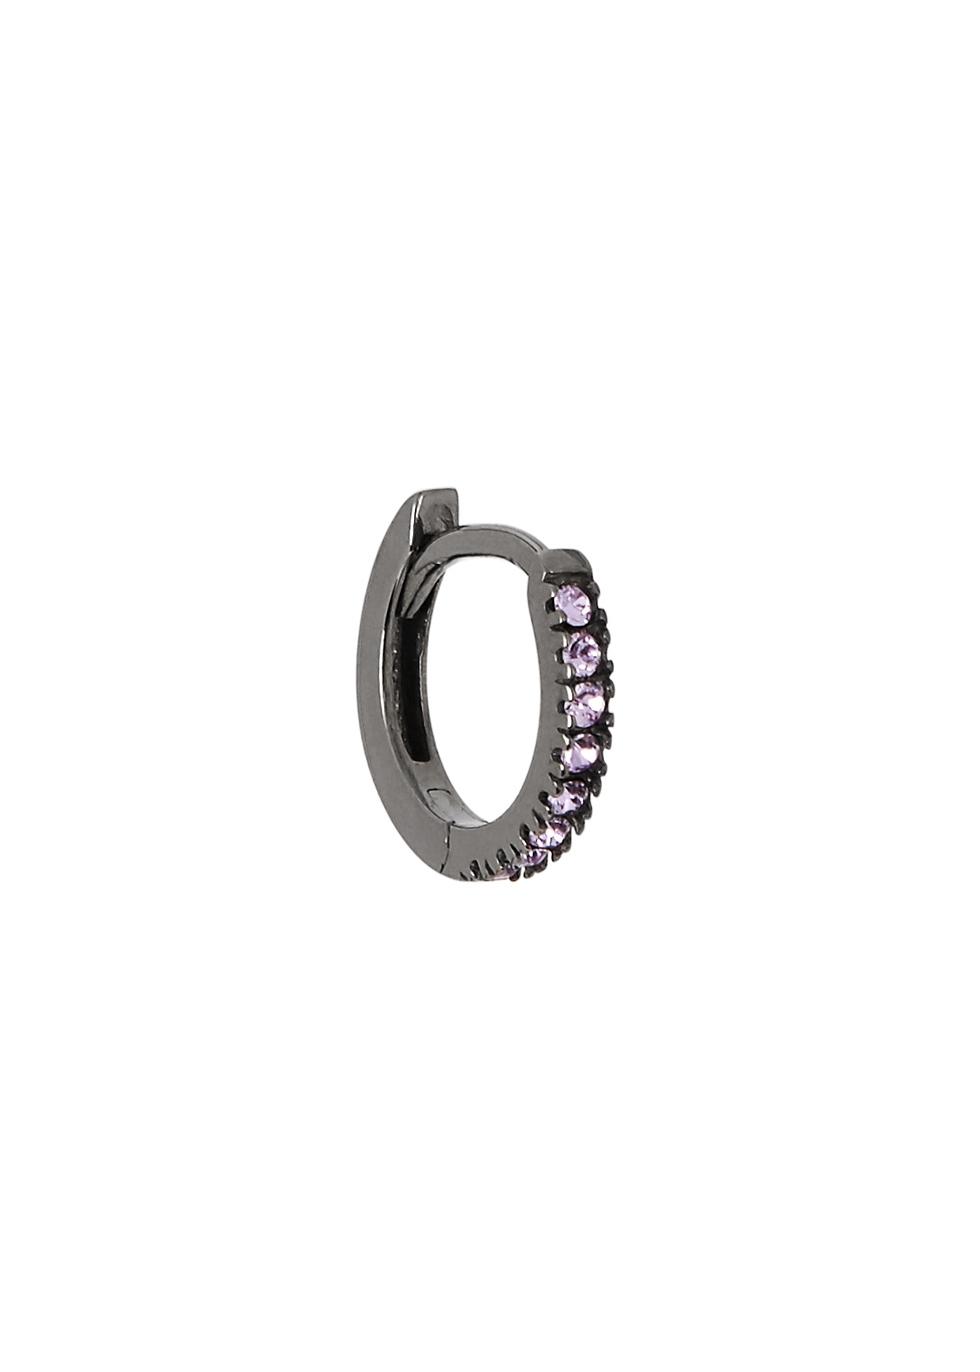 ROSIE FORTESCUE Black Rhodium-Plated Hoop Earring in Violet